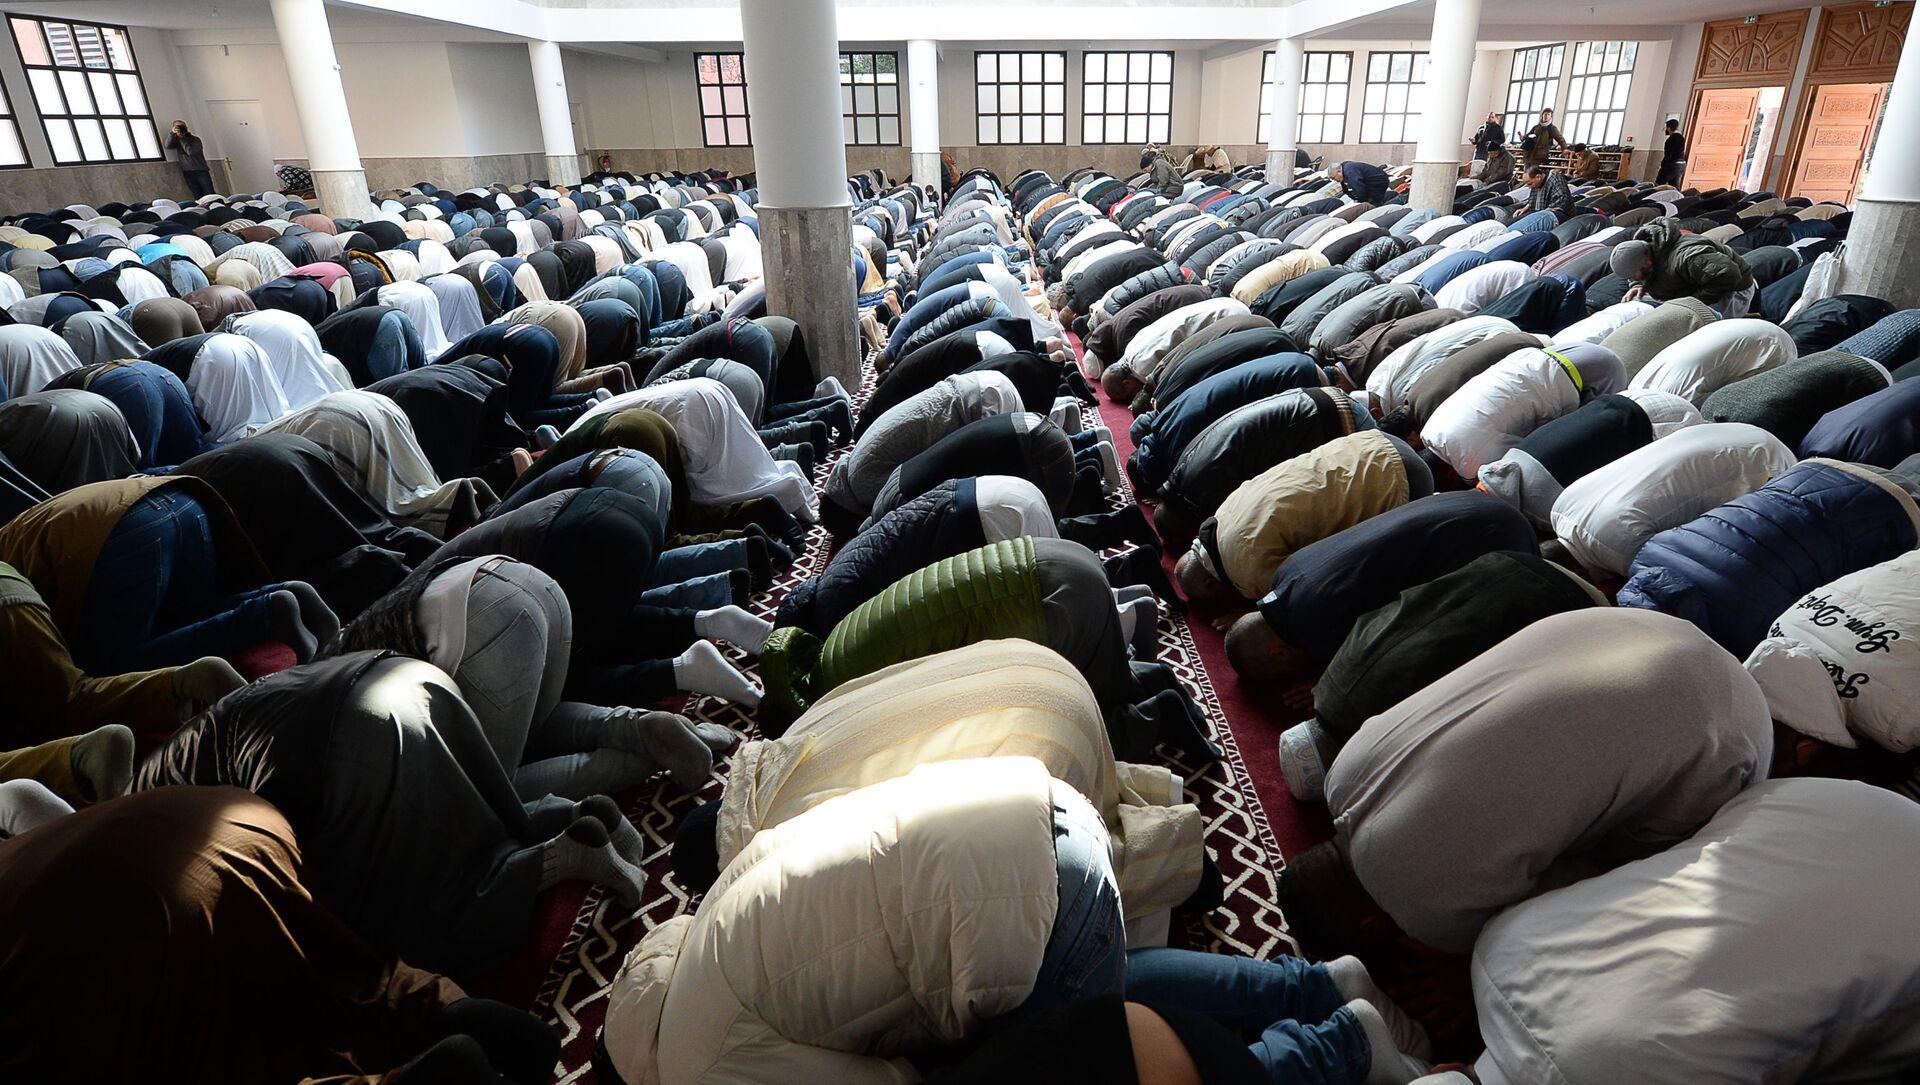 Muzułmanie modlą się w meczetu we francuskim mieście Frejus - Sputnik Polska, 1920, 06.02.2021